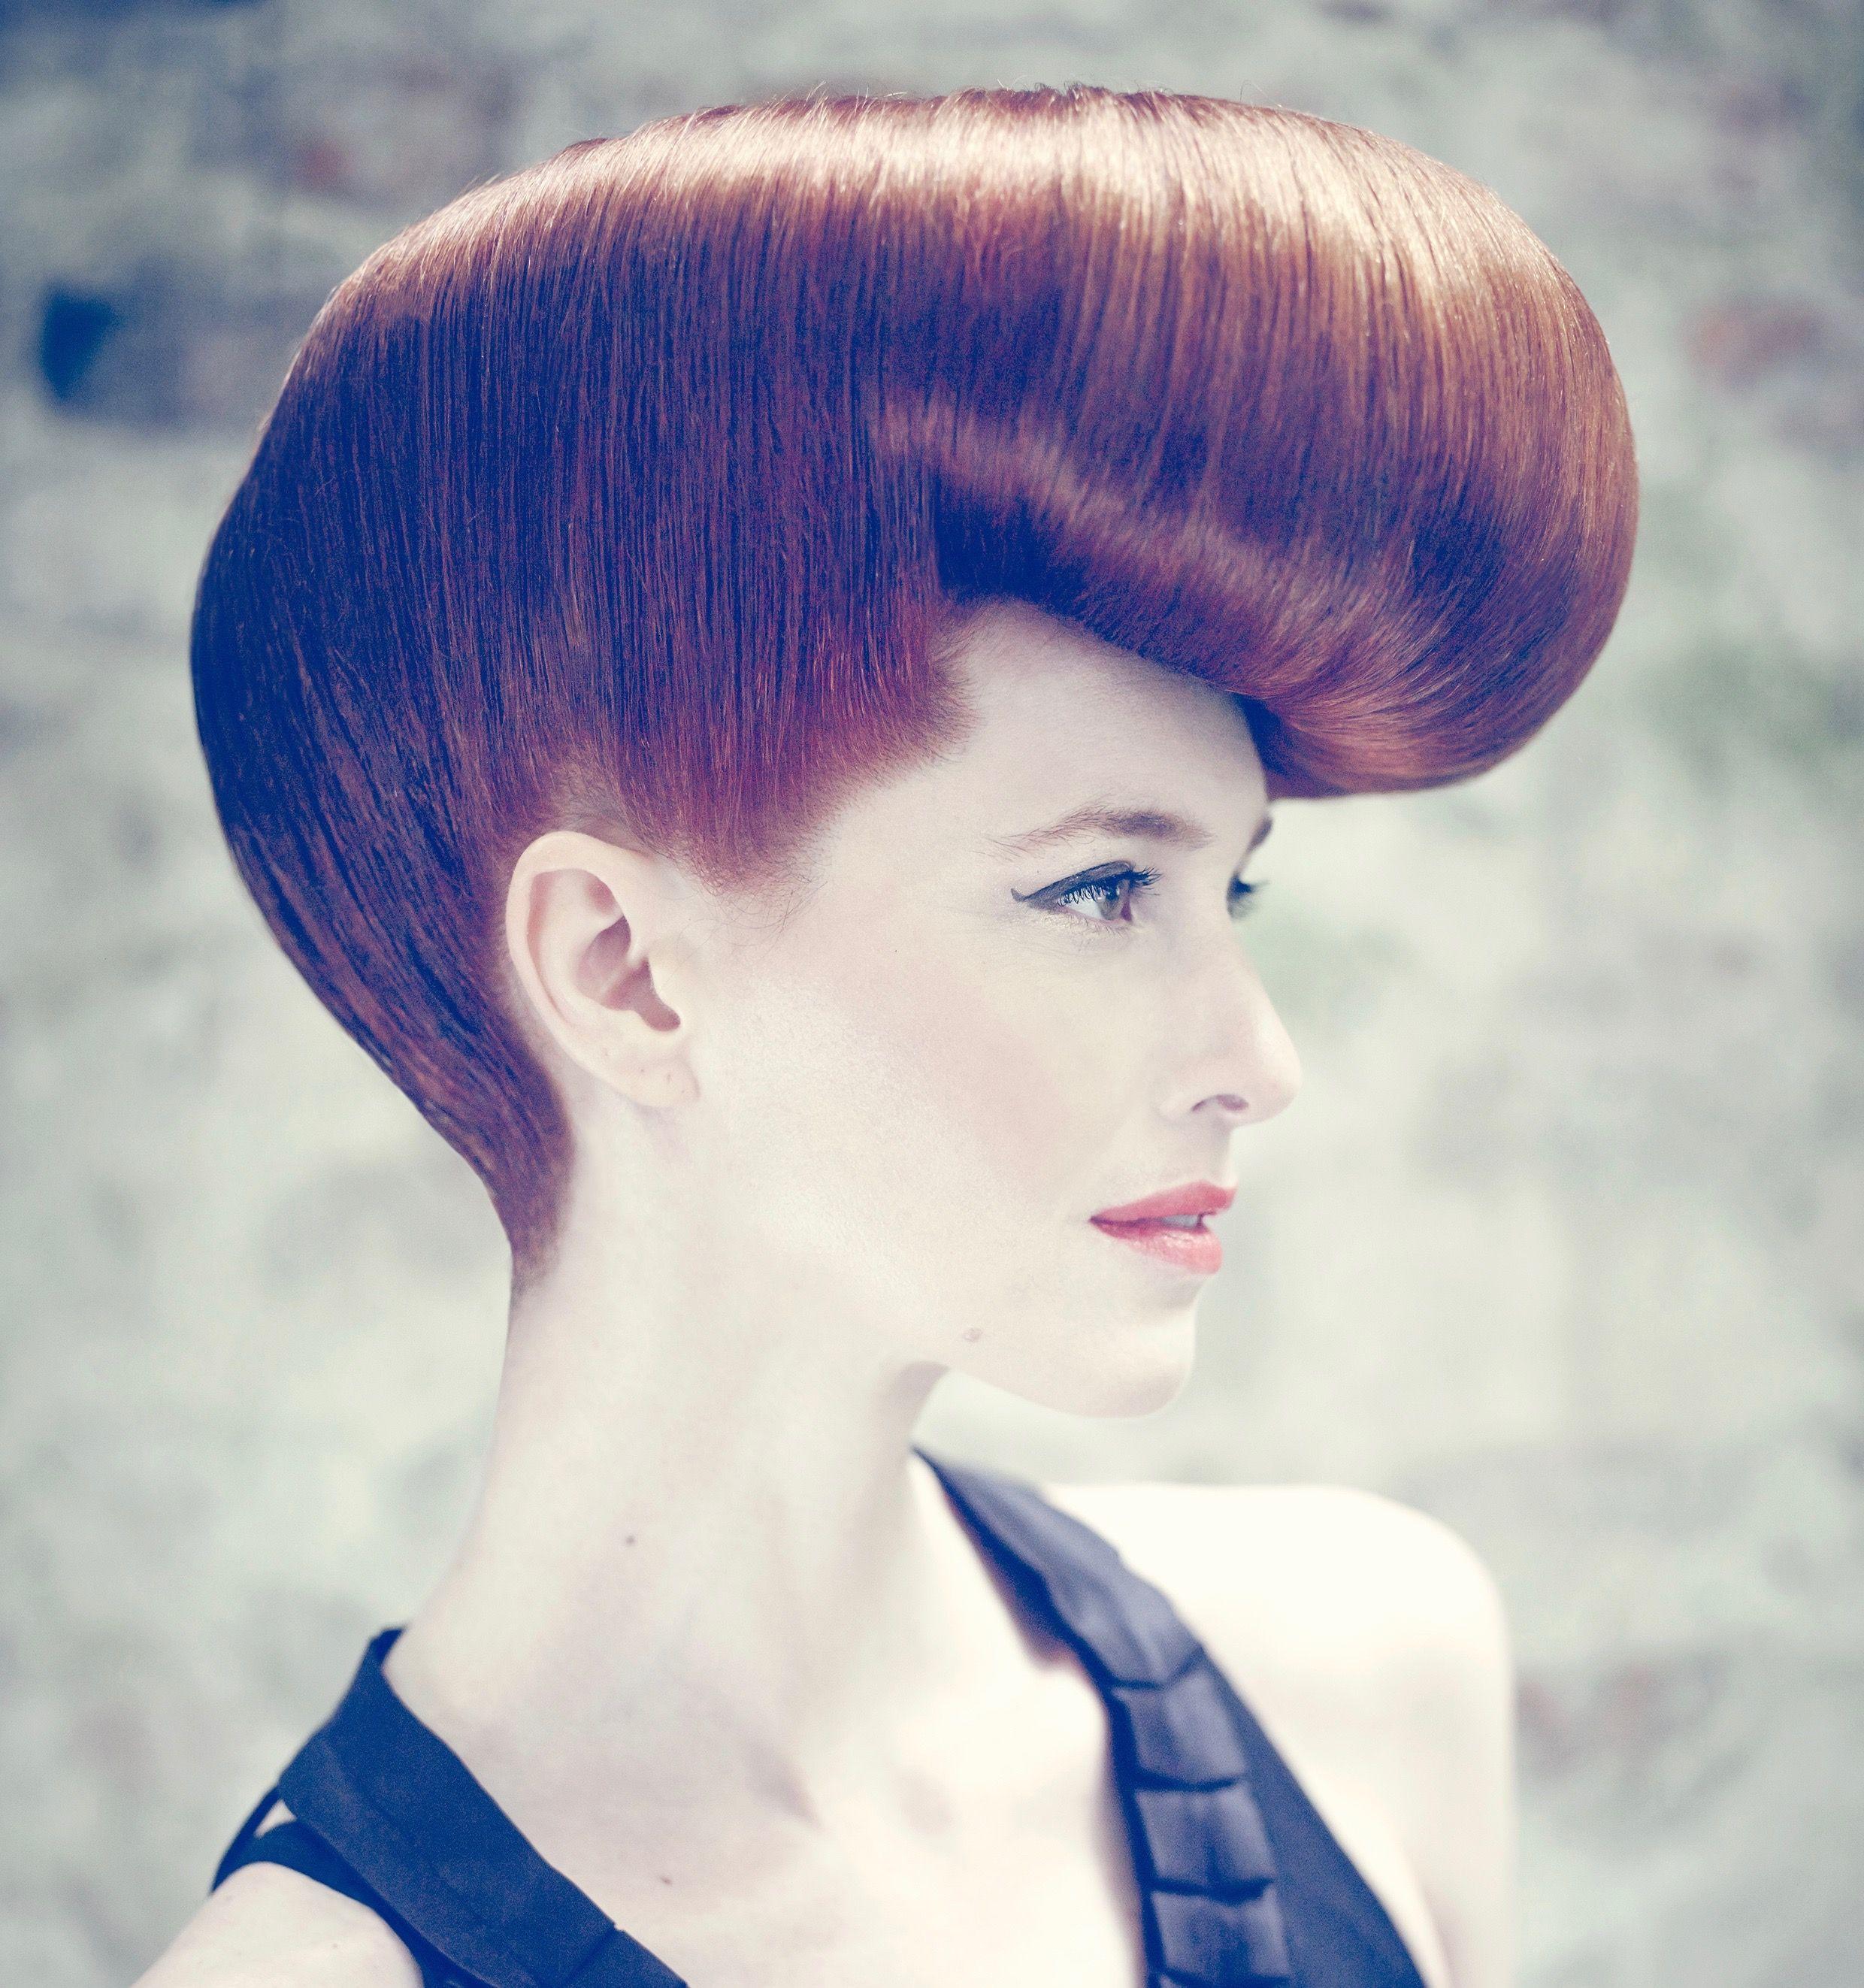 Épinglé par iowa hair enthusiast sur Hair Up Close